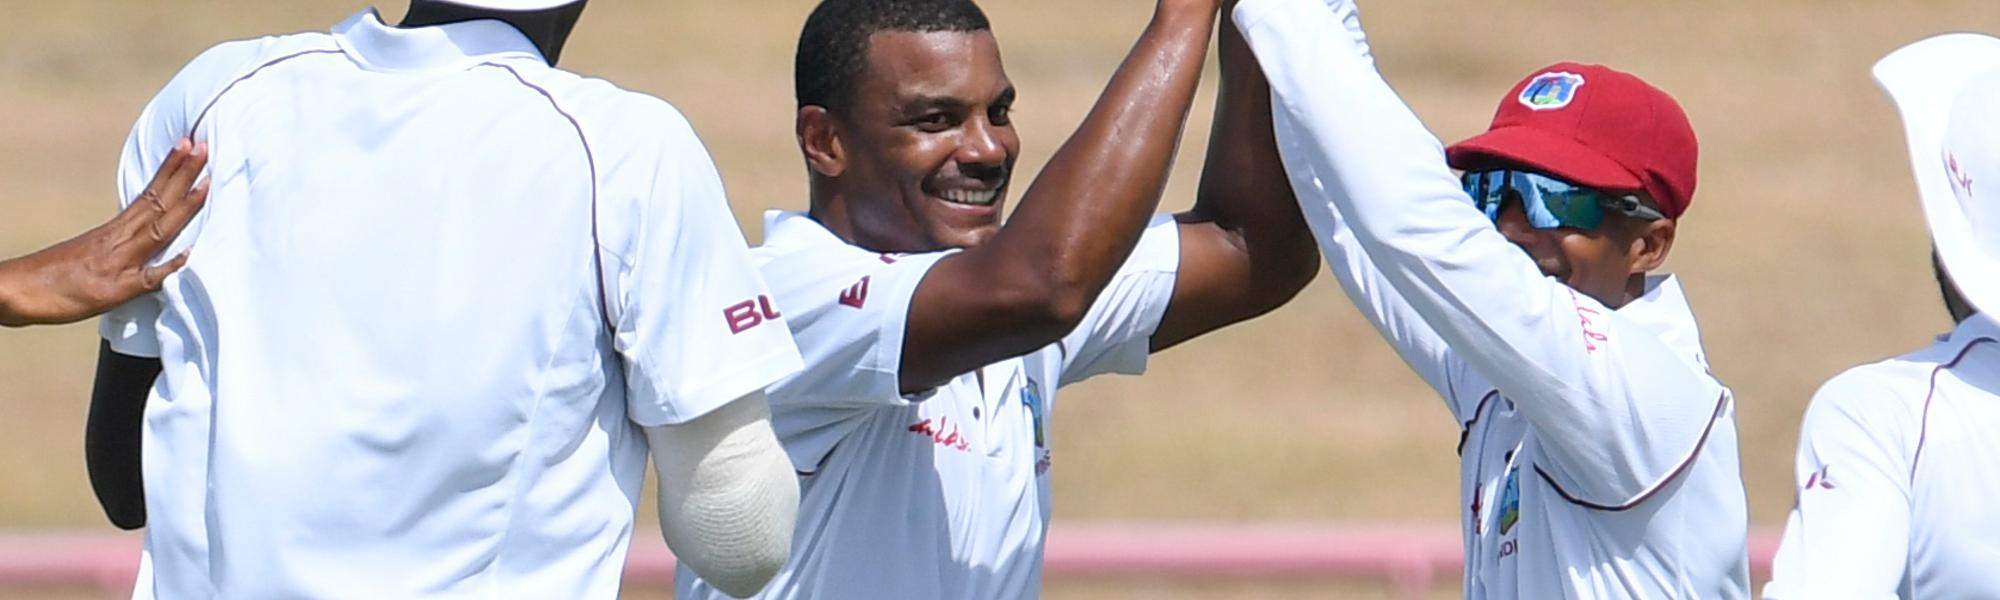 Gabriel wicket cele